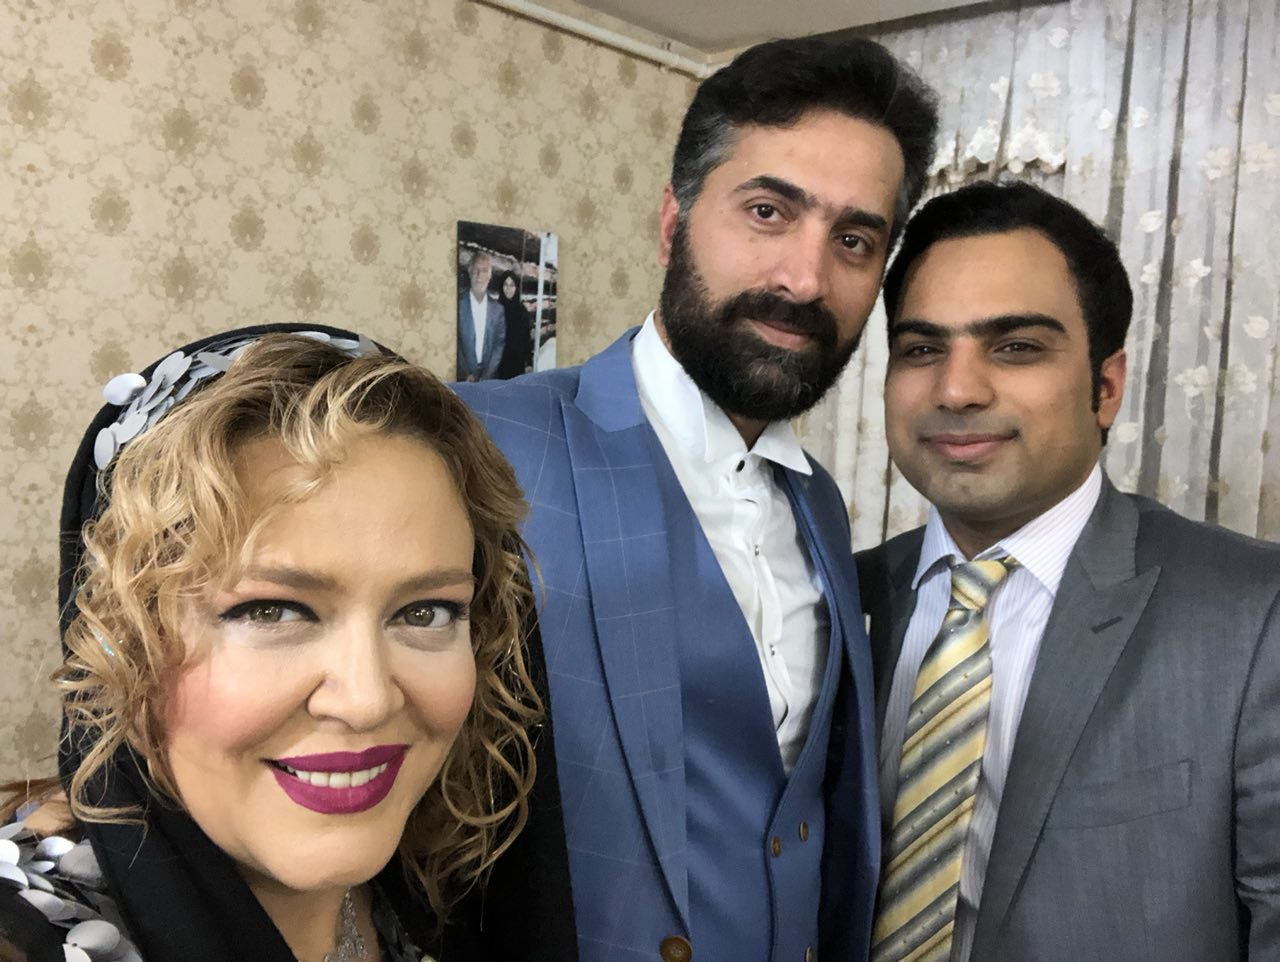 خانم بازیگر پرحاشیه در جشن عروسی + عکس